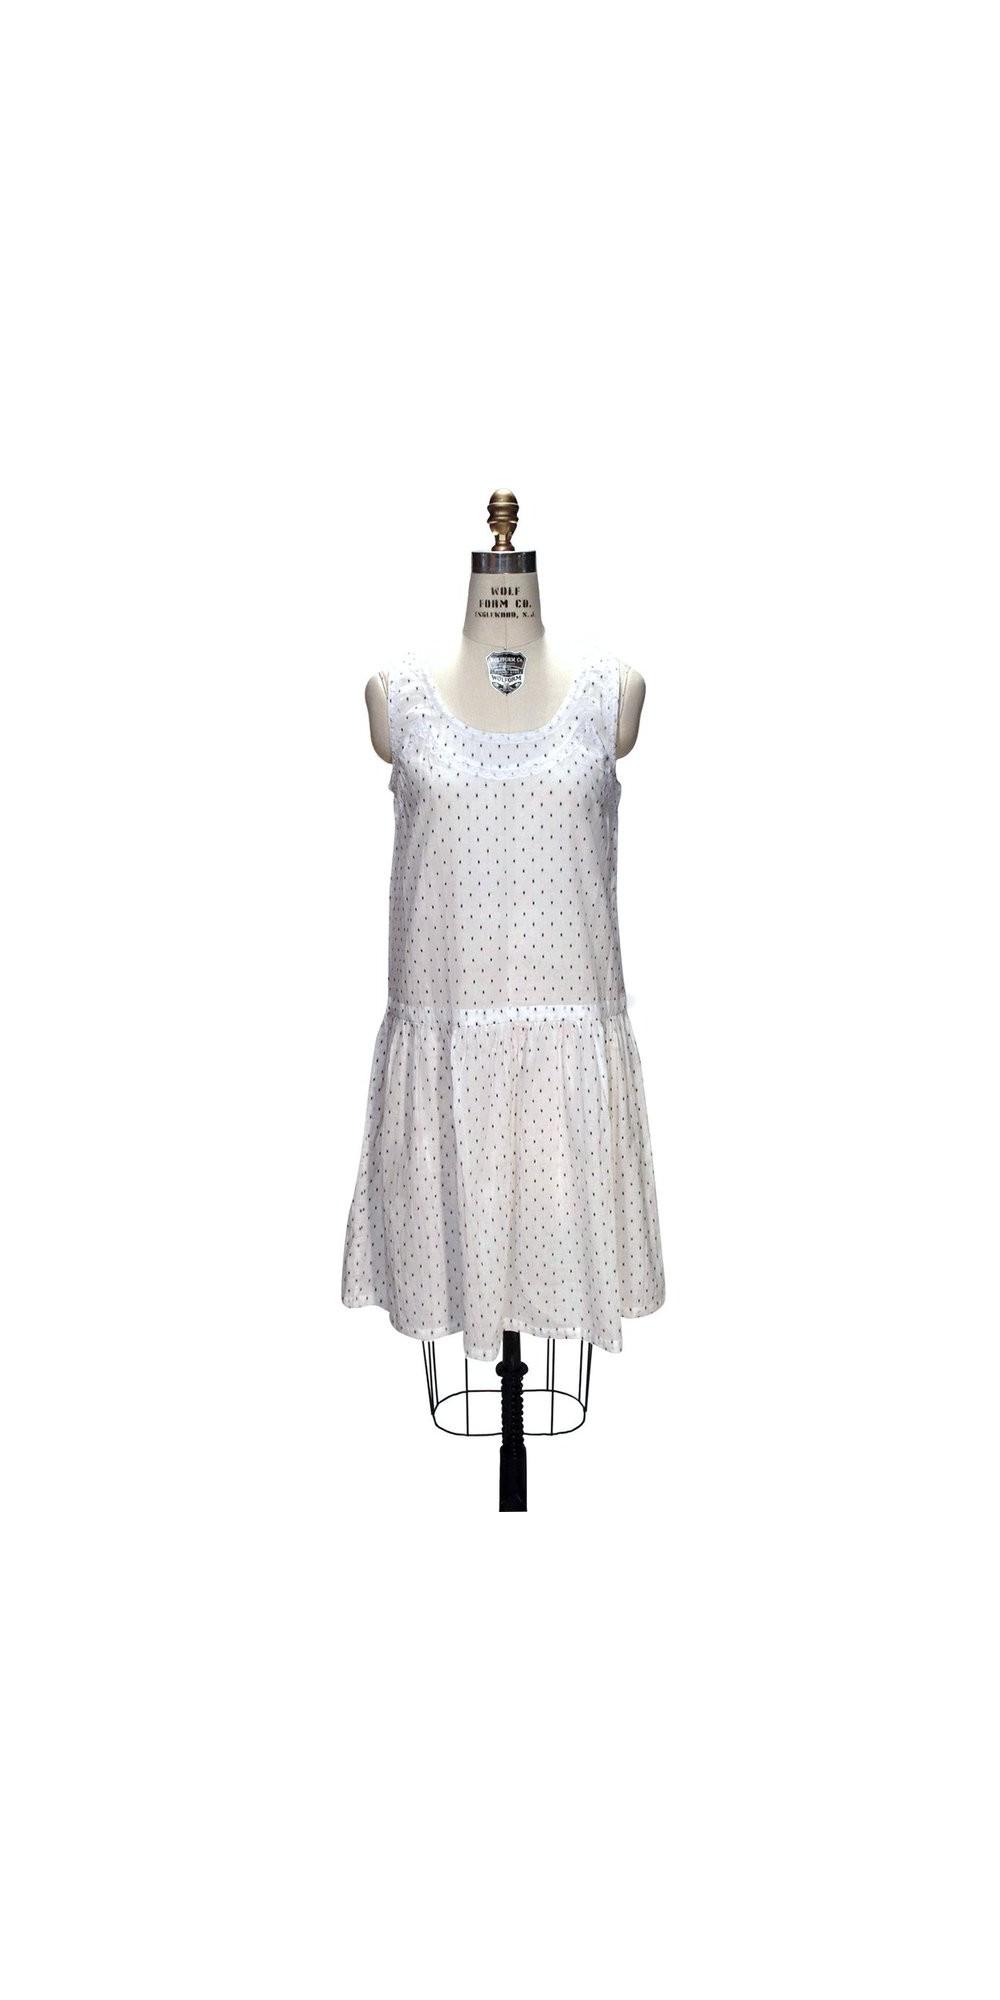 Wolf Haus Reggio Emilia 1930s style deco black dots white dress by the deco haus